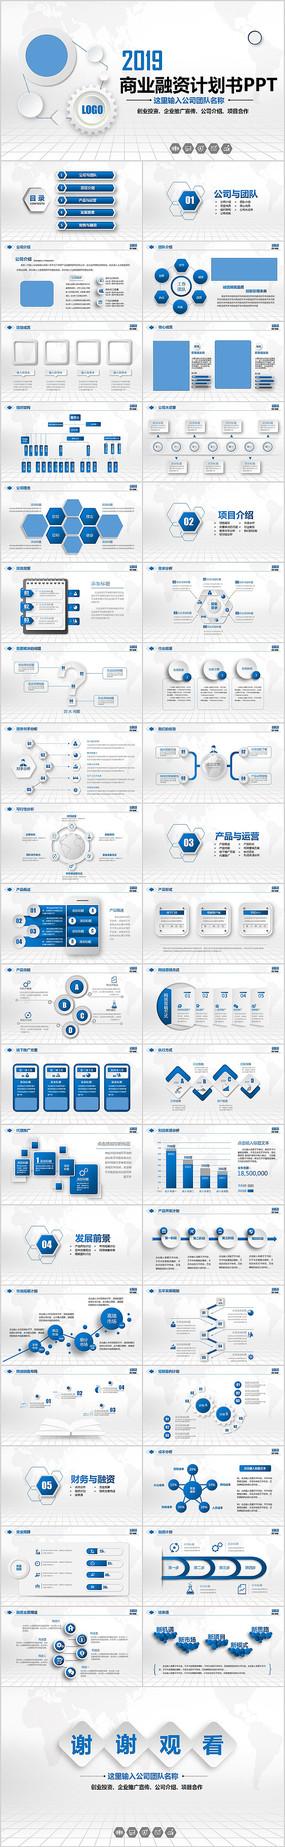 创意蓝色商业企业融资计划书ppt